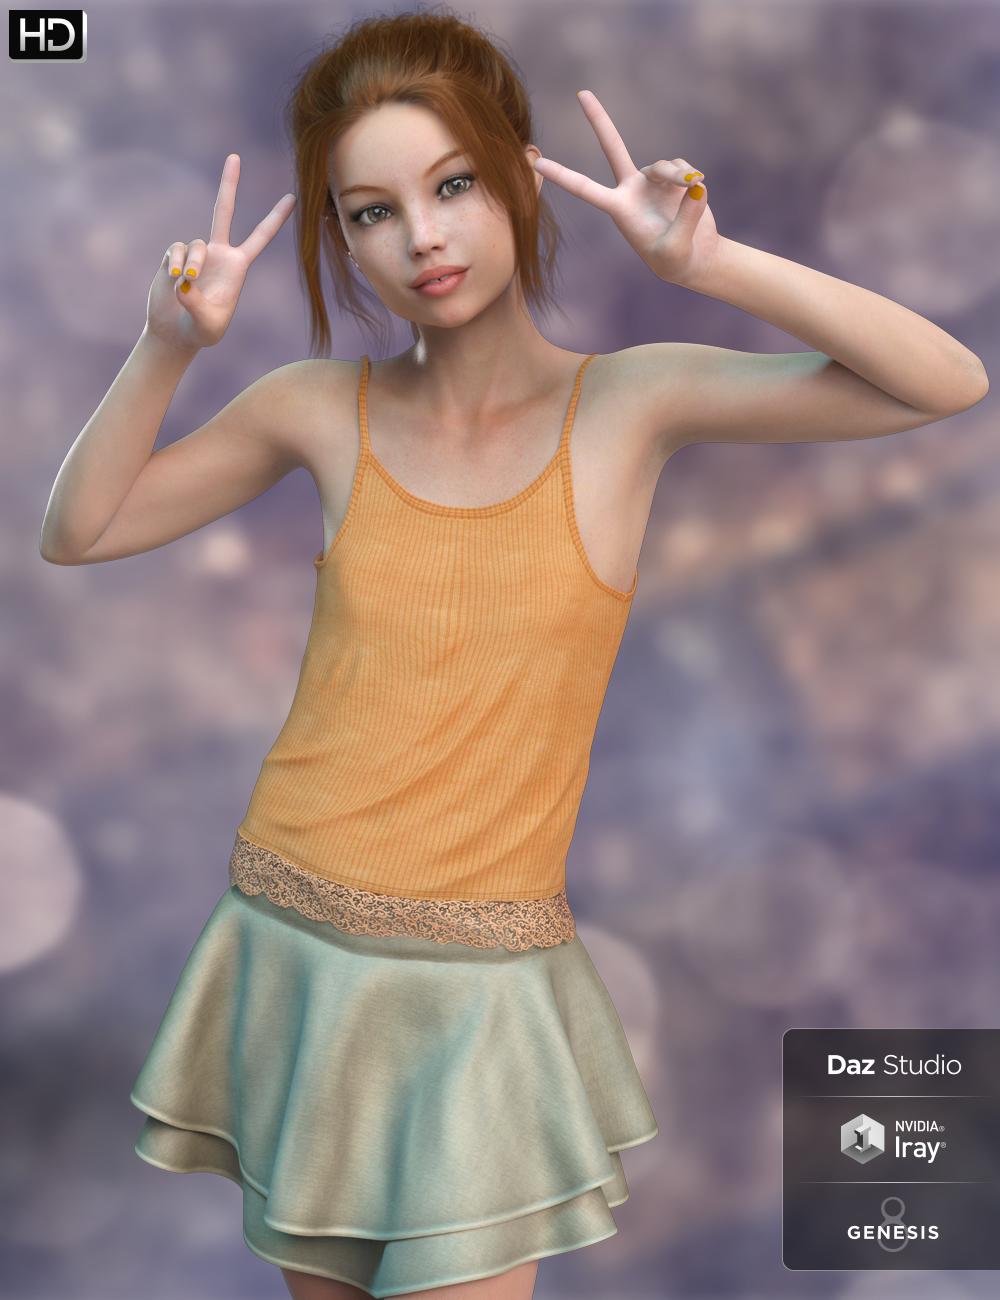 Olivia HD for Genesis 8 Female by: Fred Winkler ArtSabby, 3D Models by Daz 3D